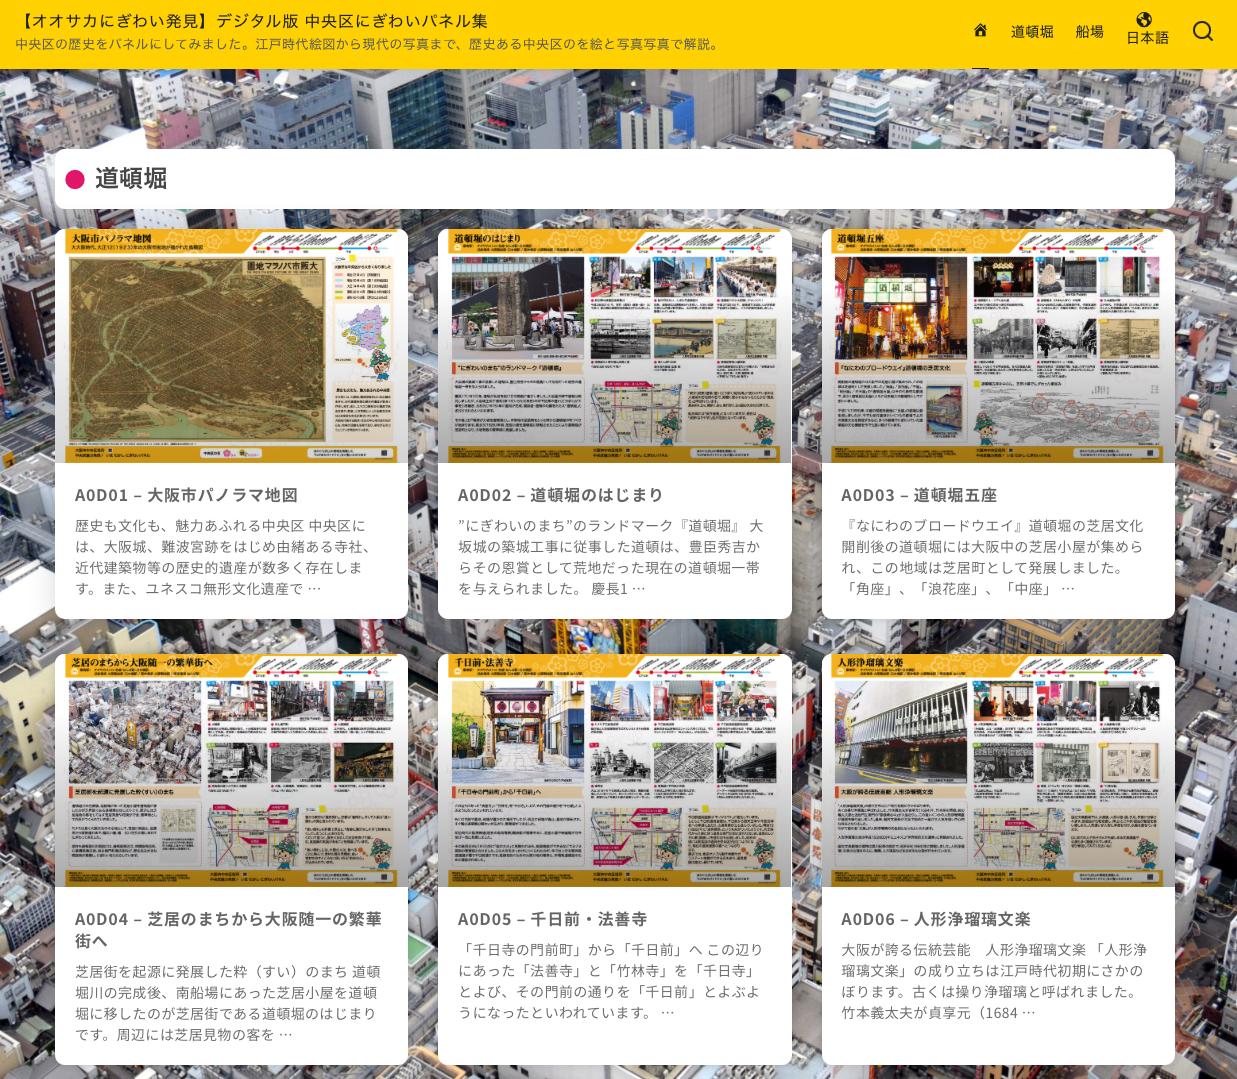 中央区魅力発見! いま むかし にぎわいパネル デジタル版多言語パネル制作